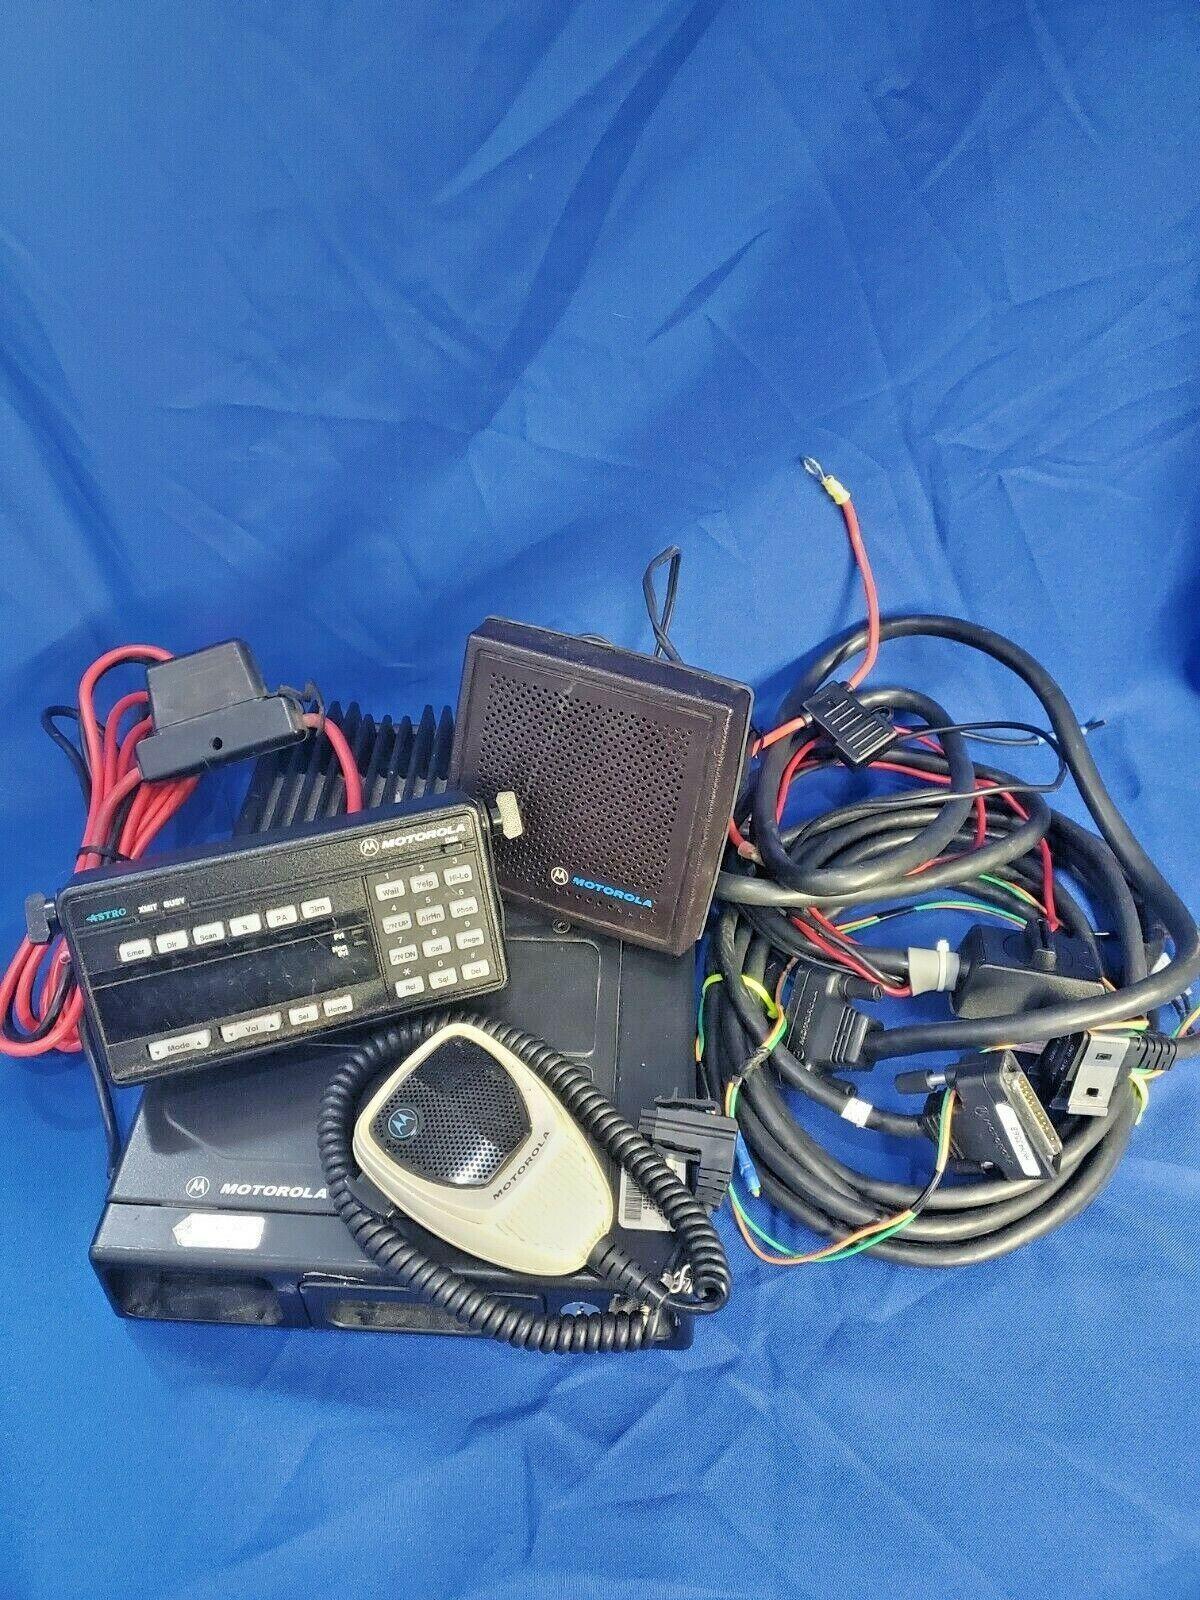 Motorola Astro Spectra Mobile Radio. Buy it now for 289.00